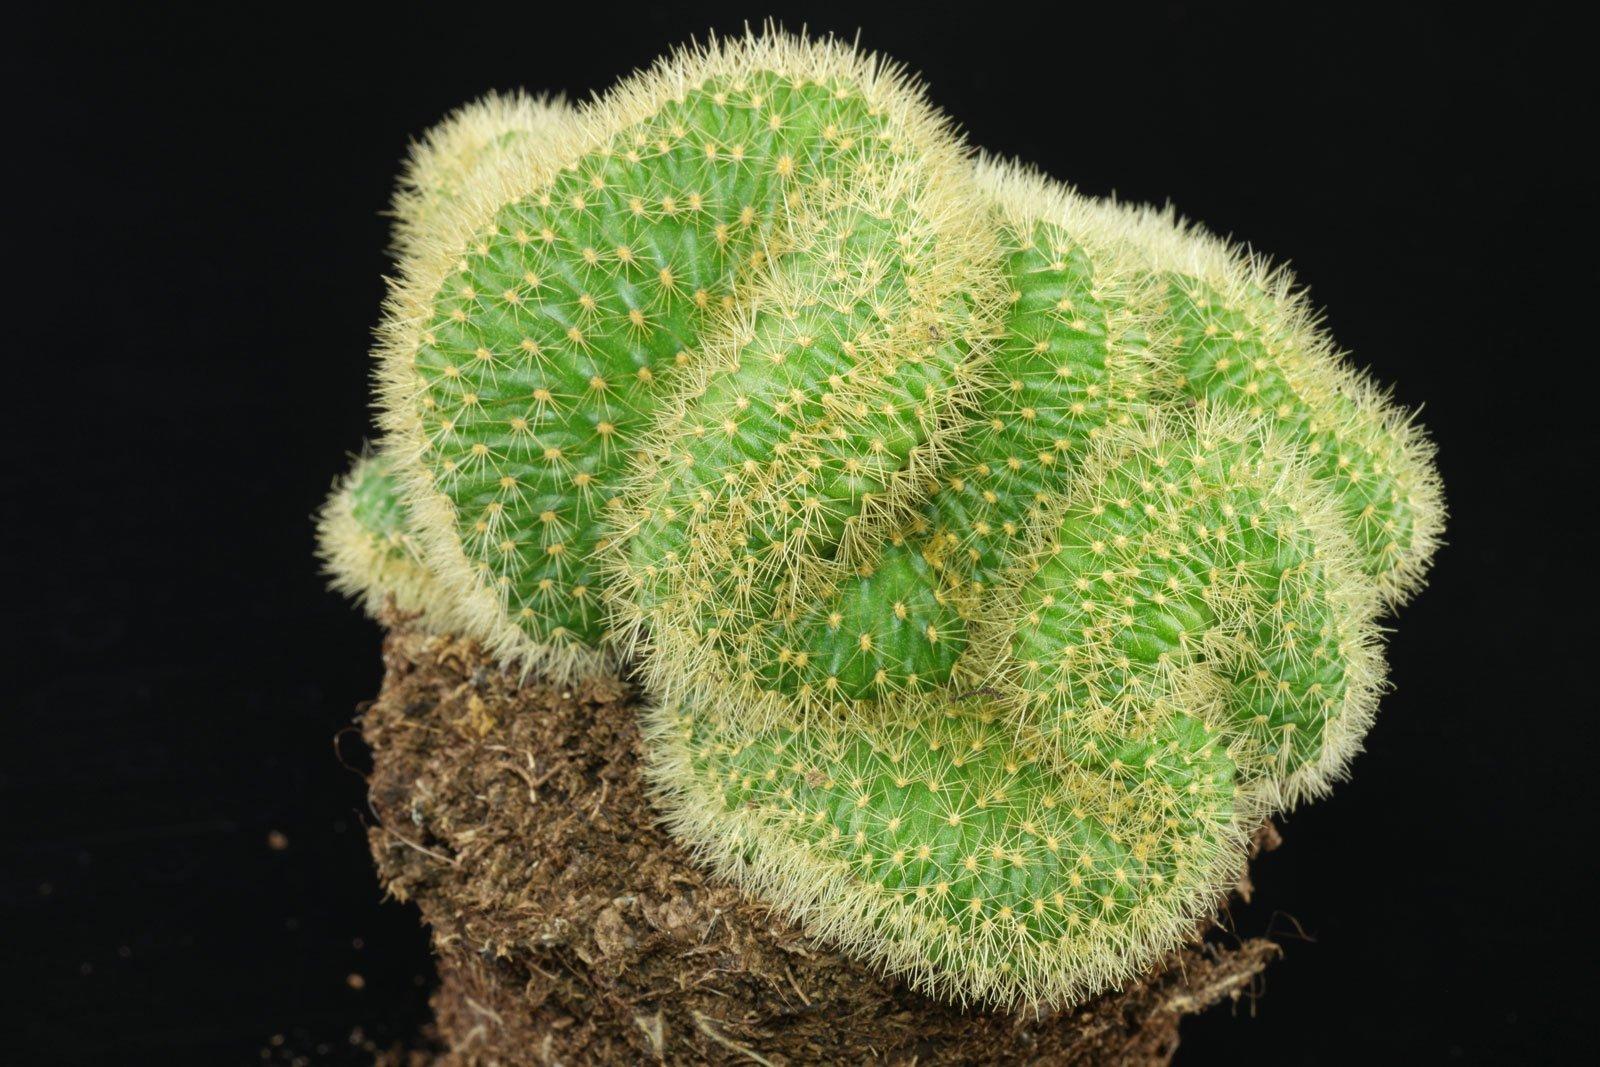 Cleistocactus winteri Cristata